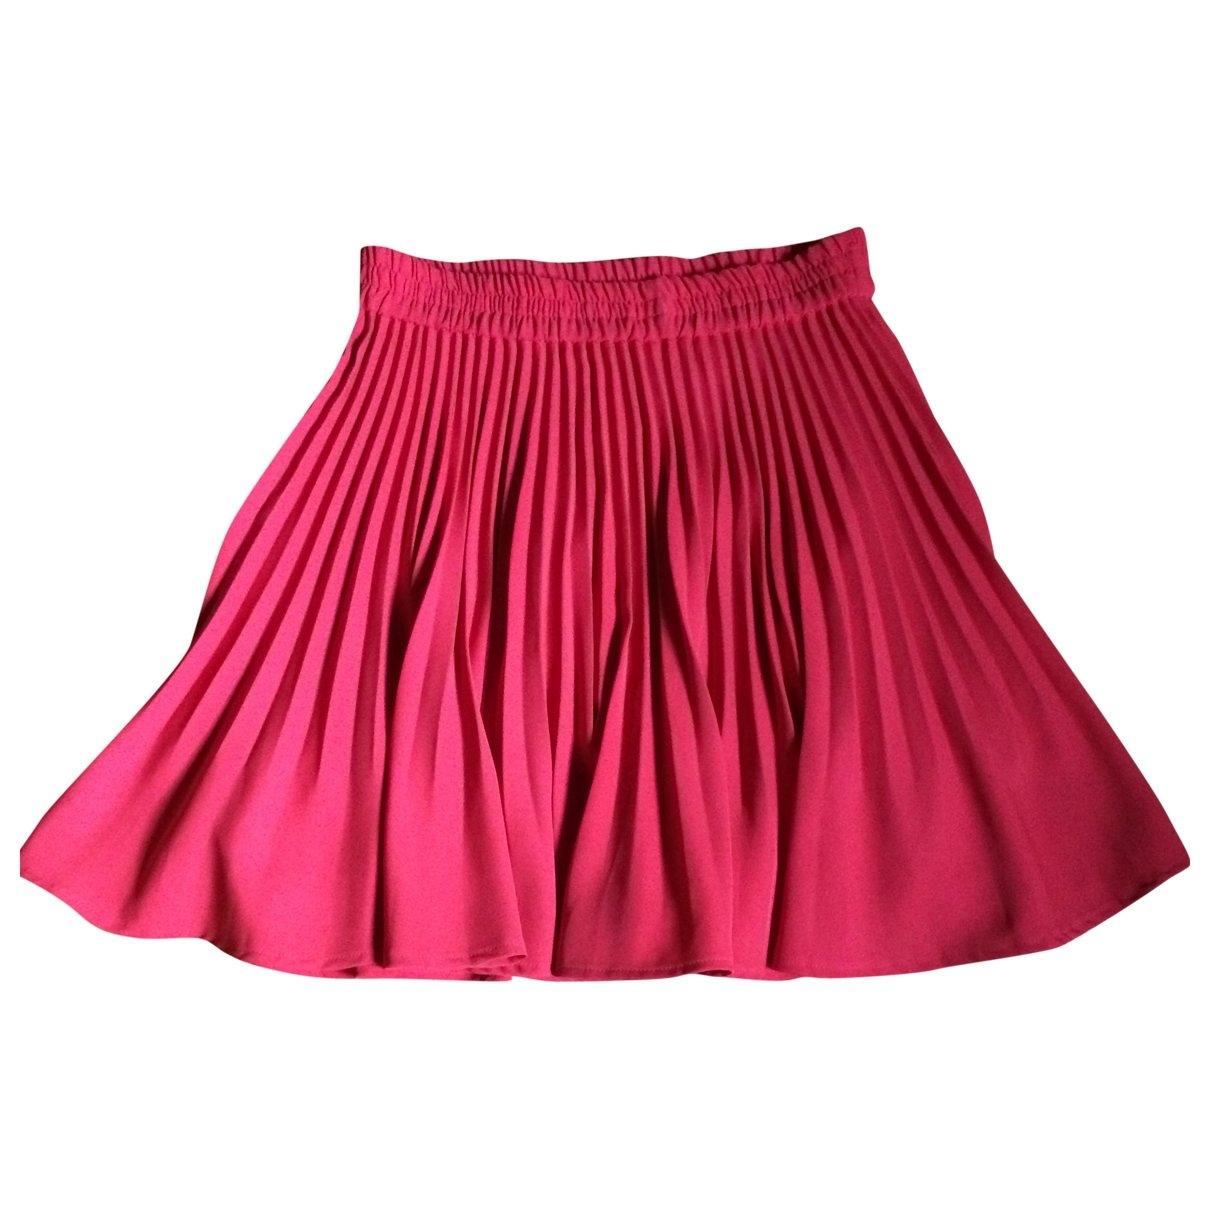 Kenzo \N Red skirt for Women S International